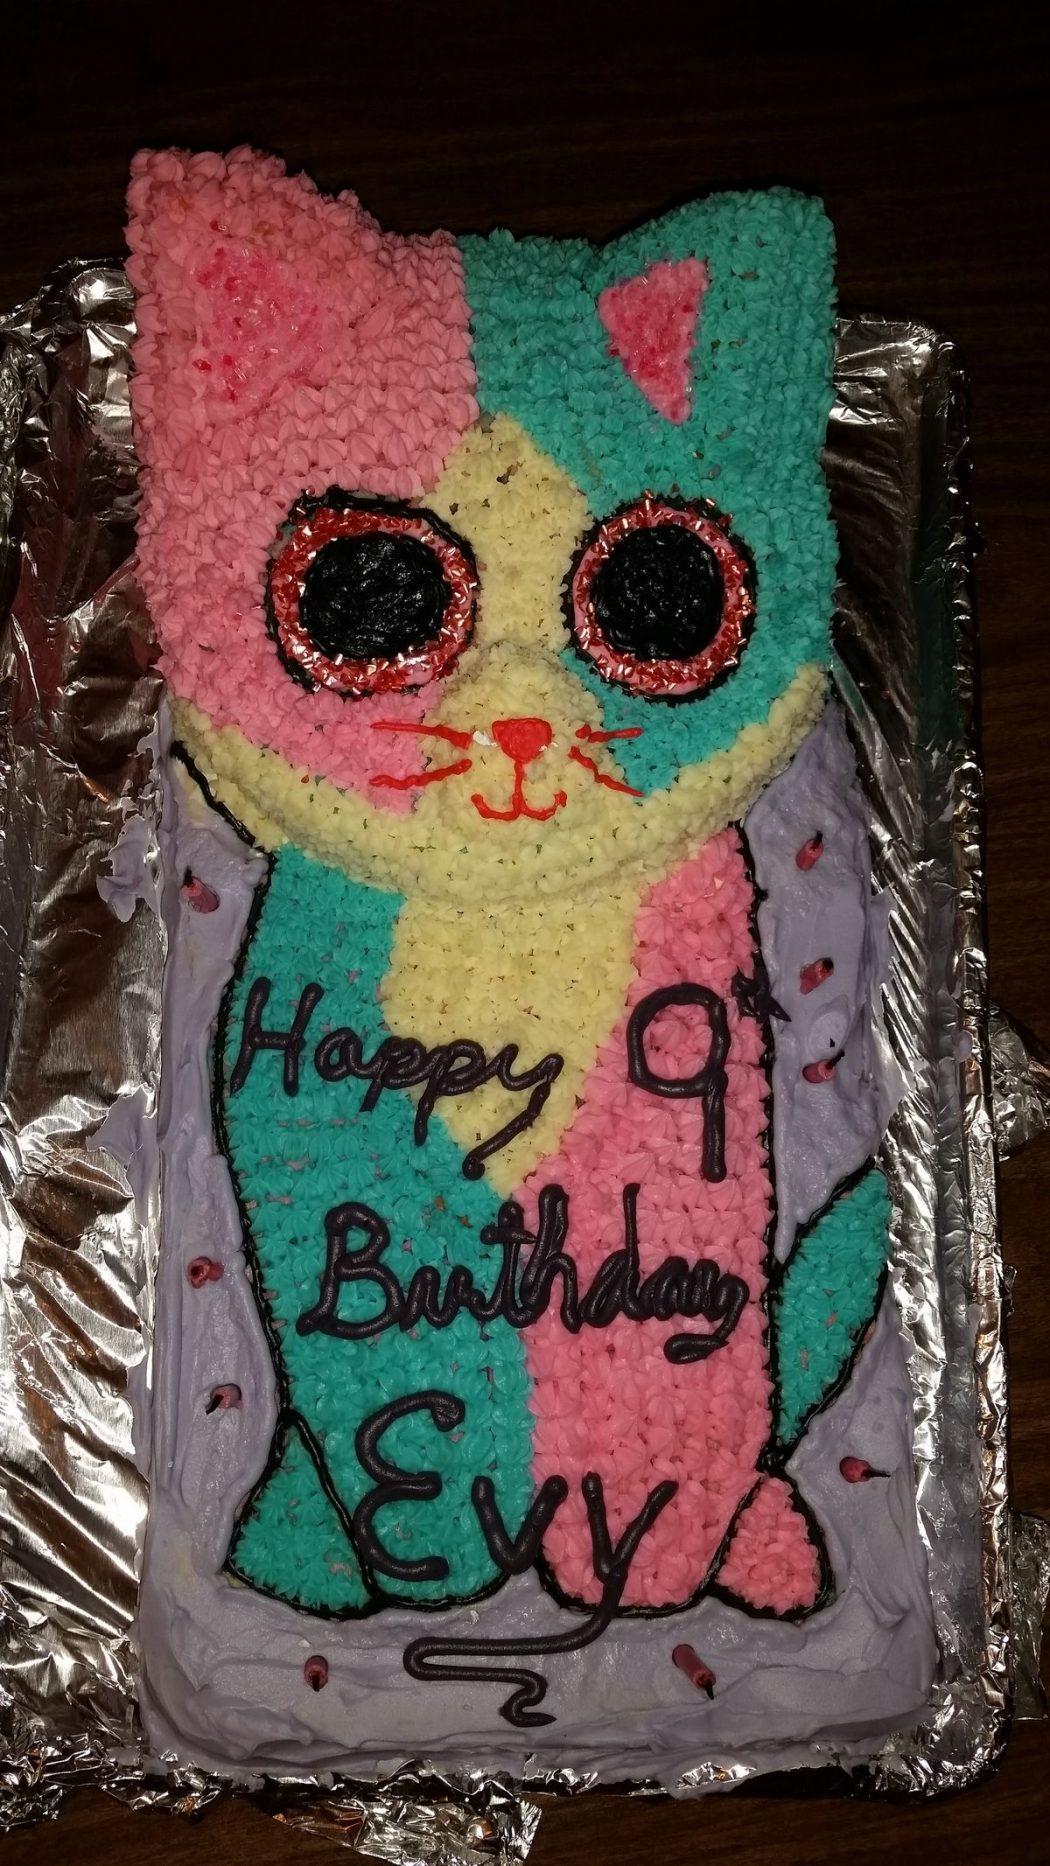 8e11276faeef6547a2ed10c461d6c562 4 Most Creative Beanie Boo Birthday Party Ideas